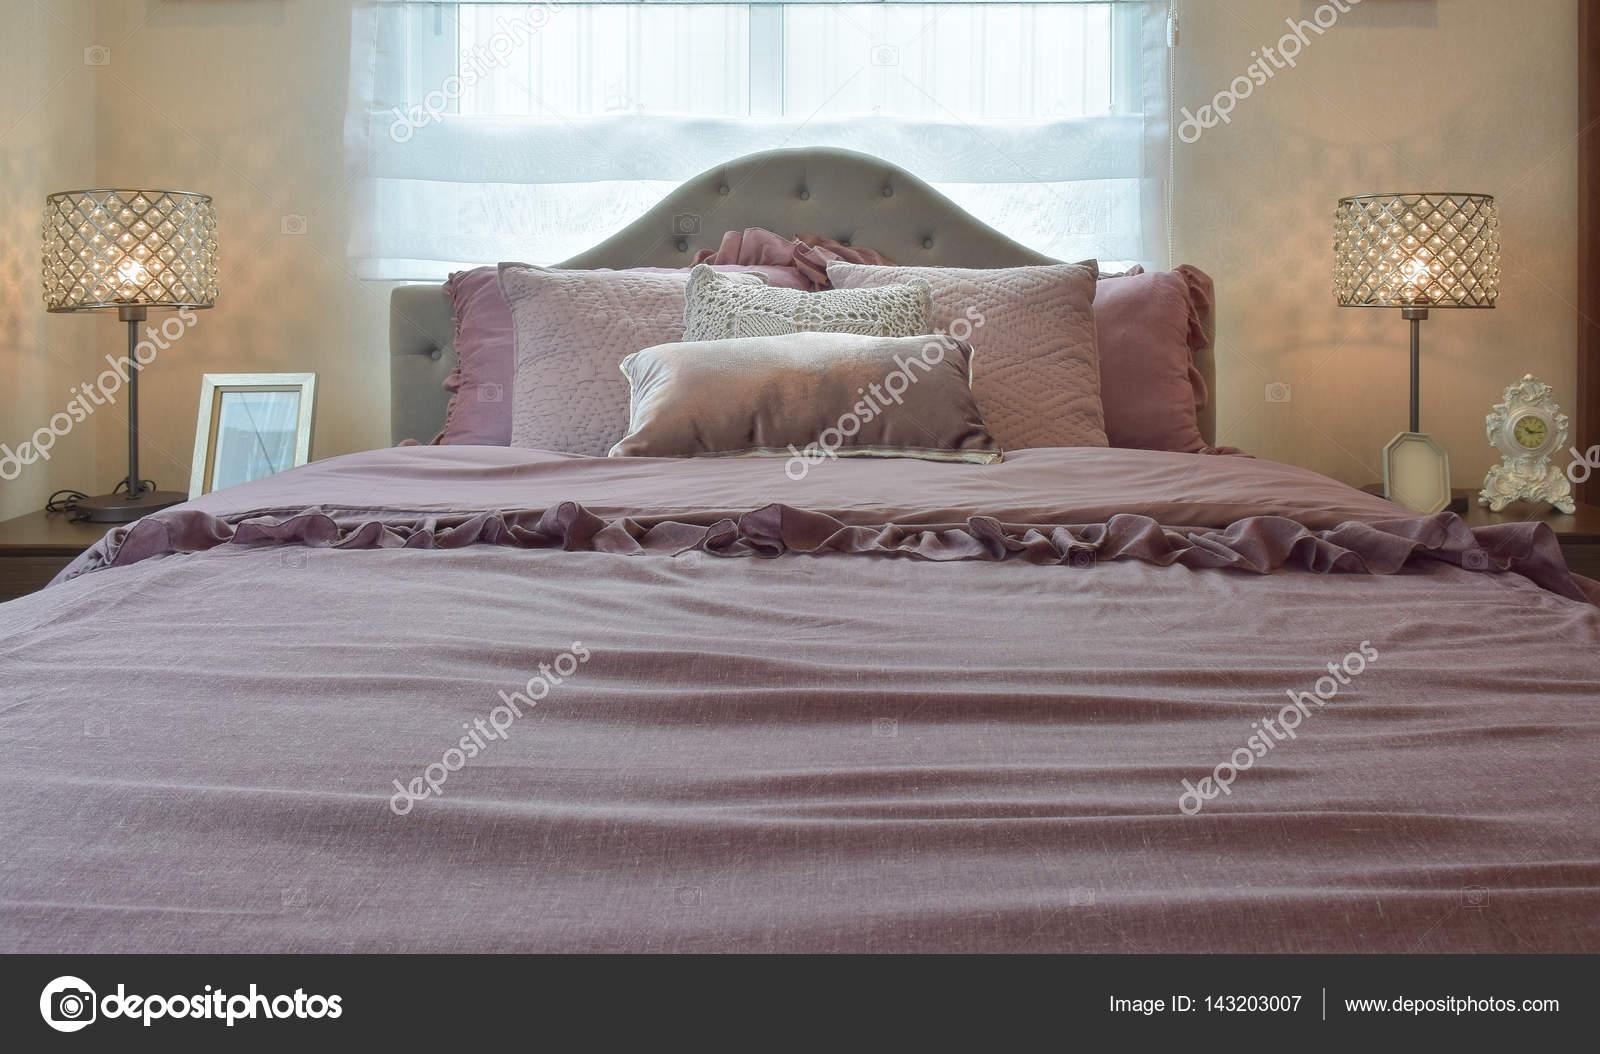 https://st3.depositphotos.com/6200870/14320/i/1600/depositphotos_143203007-stockafbeelding-gezellige-en-klassieke-slaapkamer-interieur.jpg